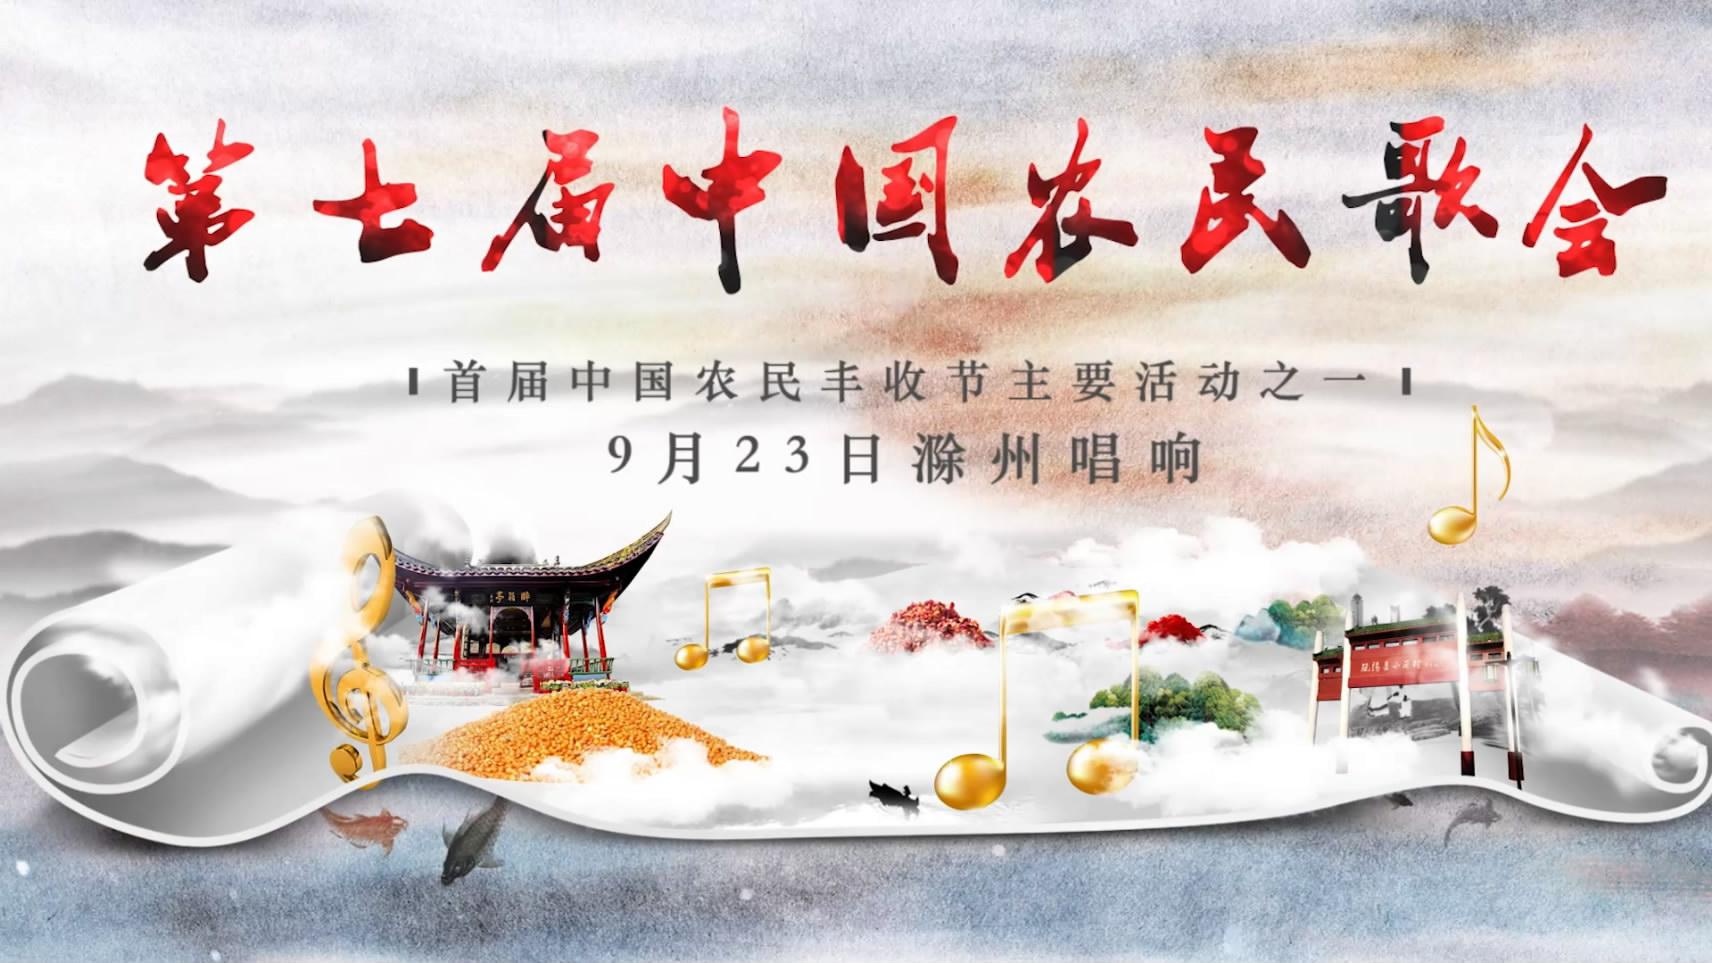 第七届中国农民歌会9月23日滁州唱响